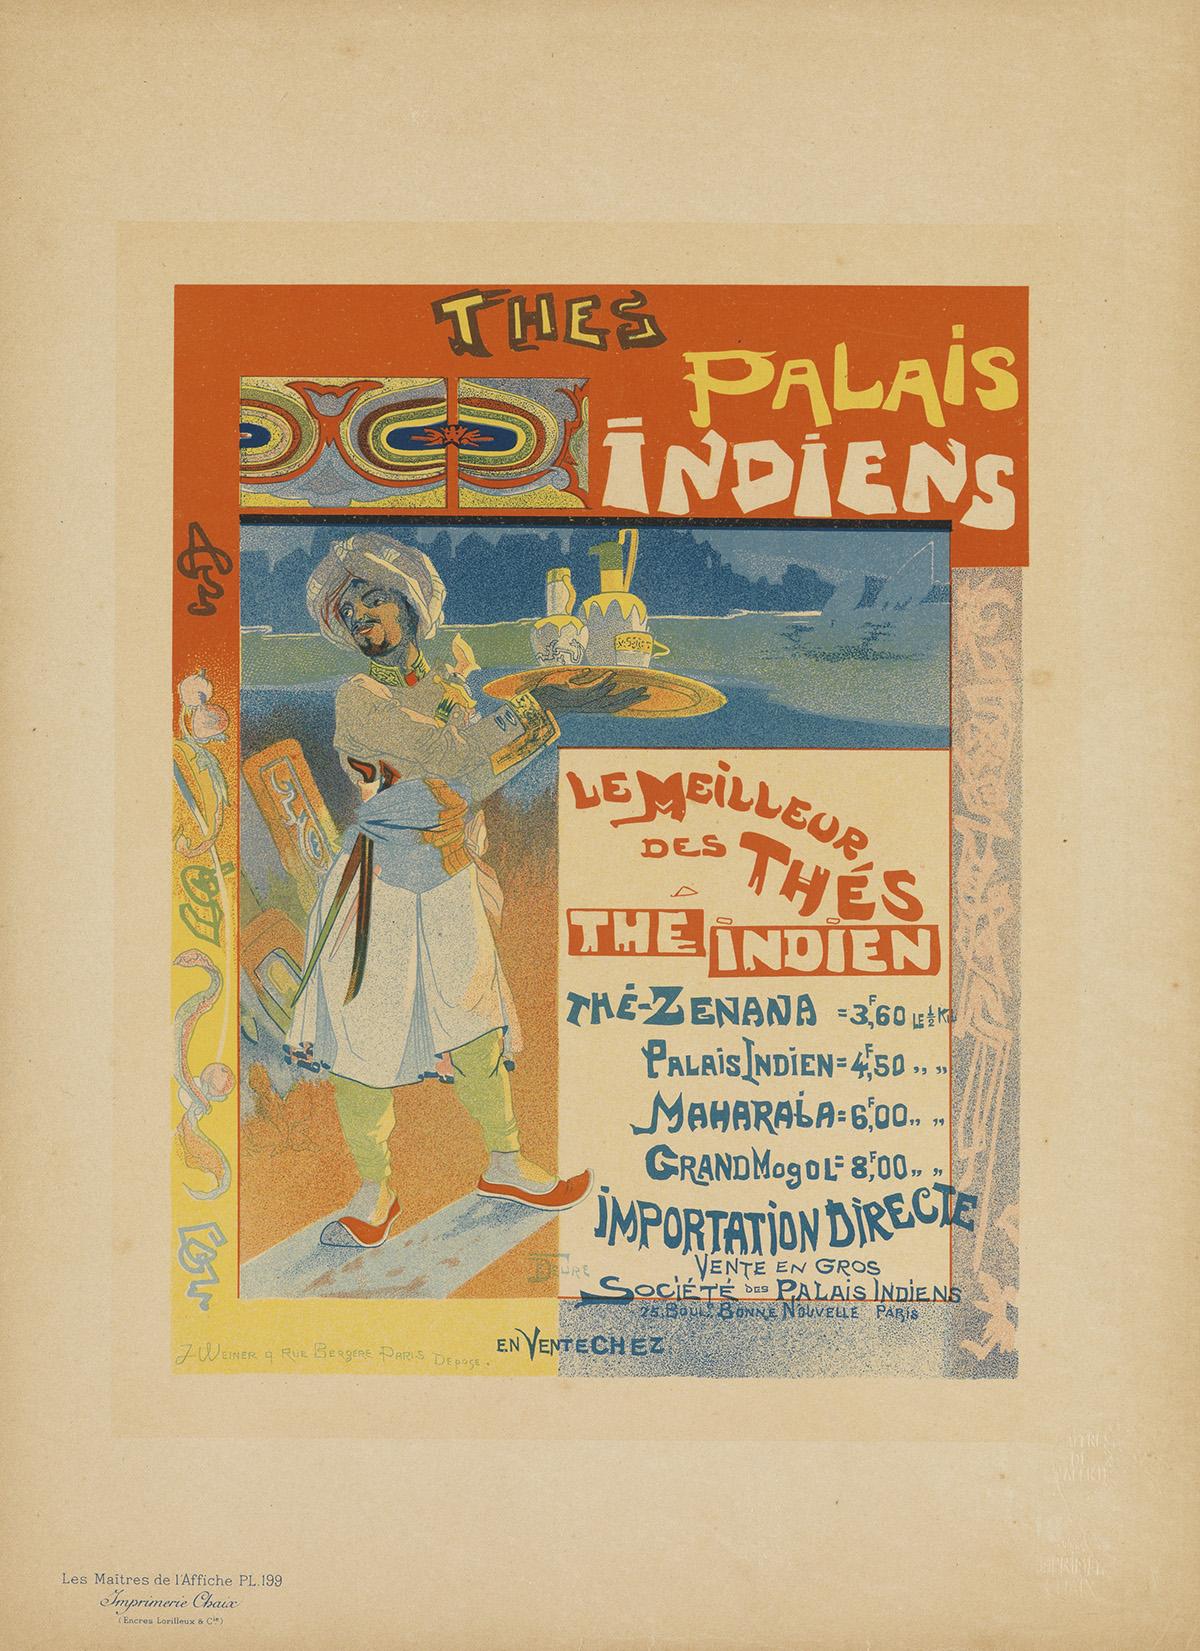 VARIOUS-ARTISTS-LES-MAÎTRES-DE-LAFFICHE-Group-of-15-plates-1